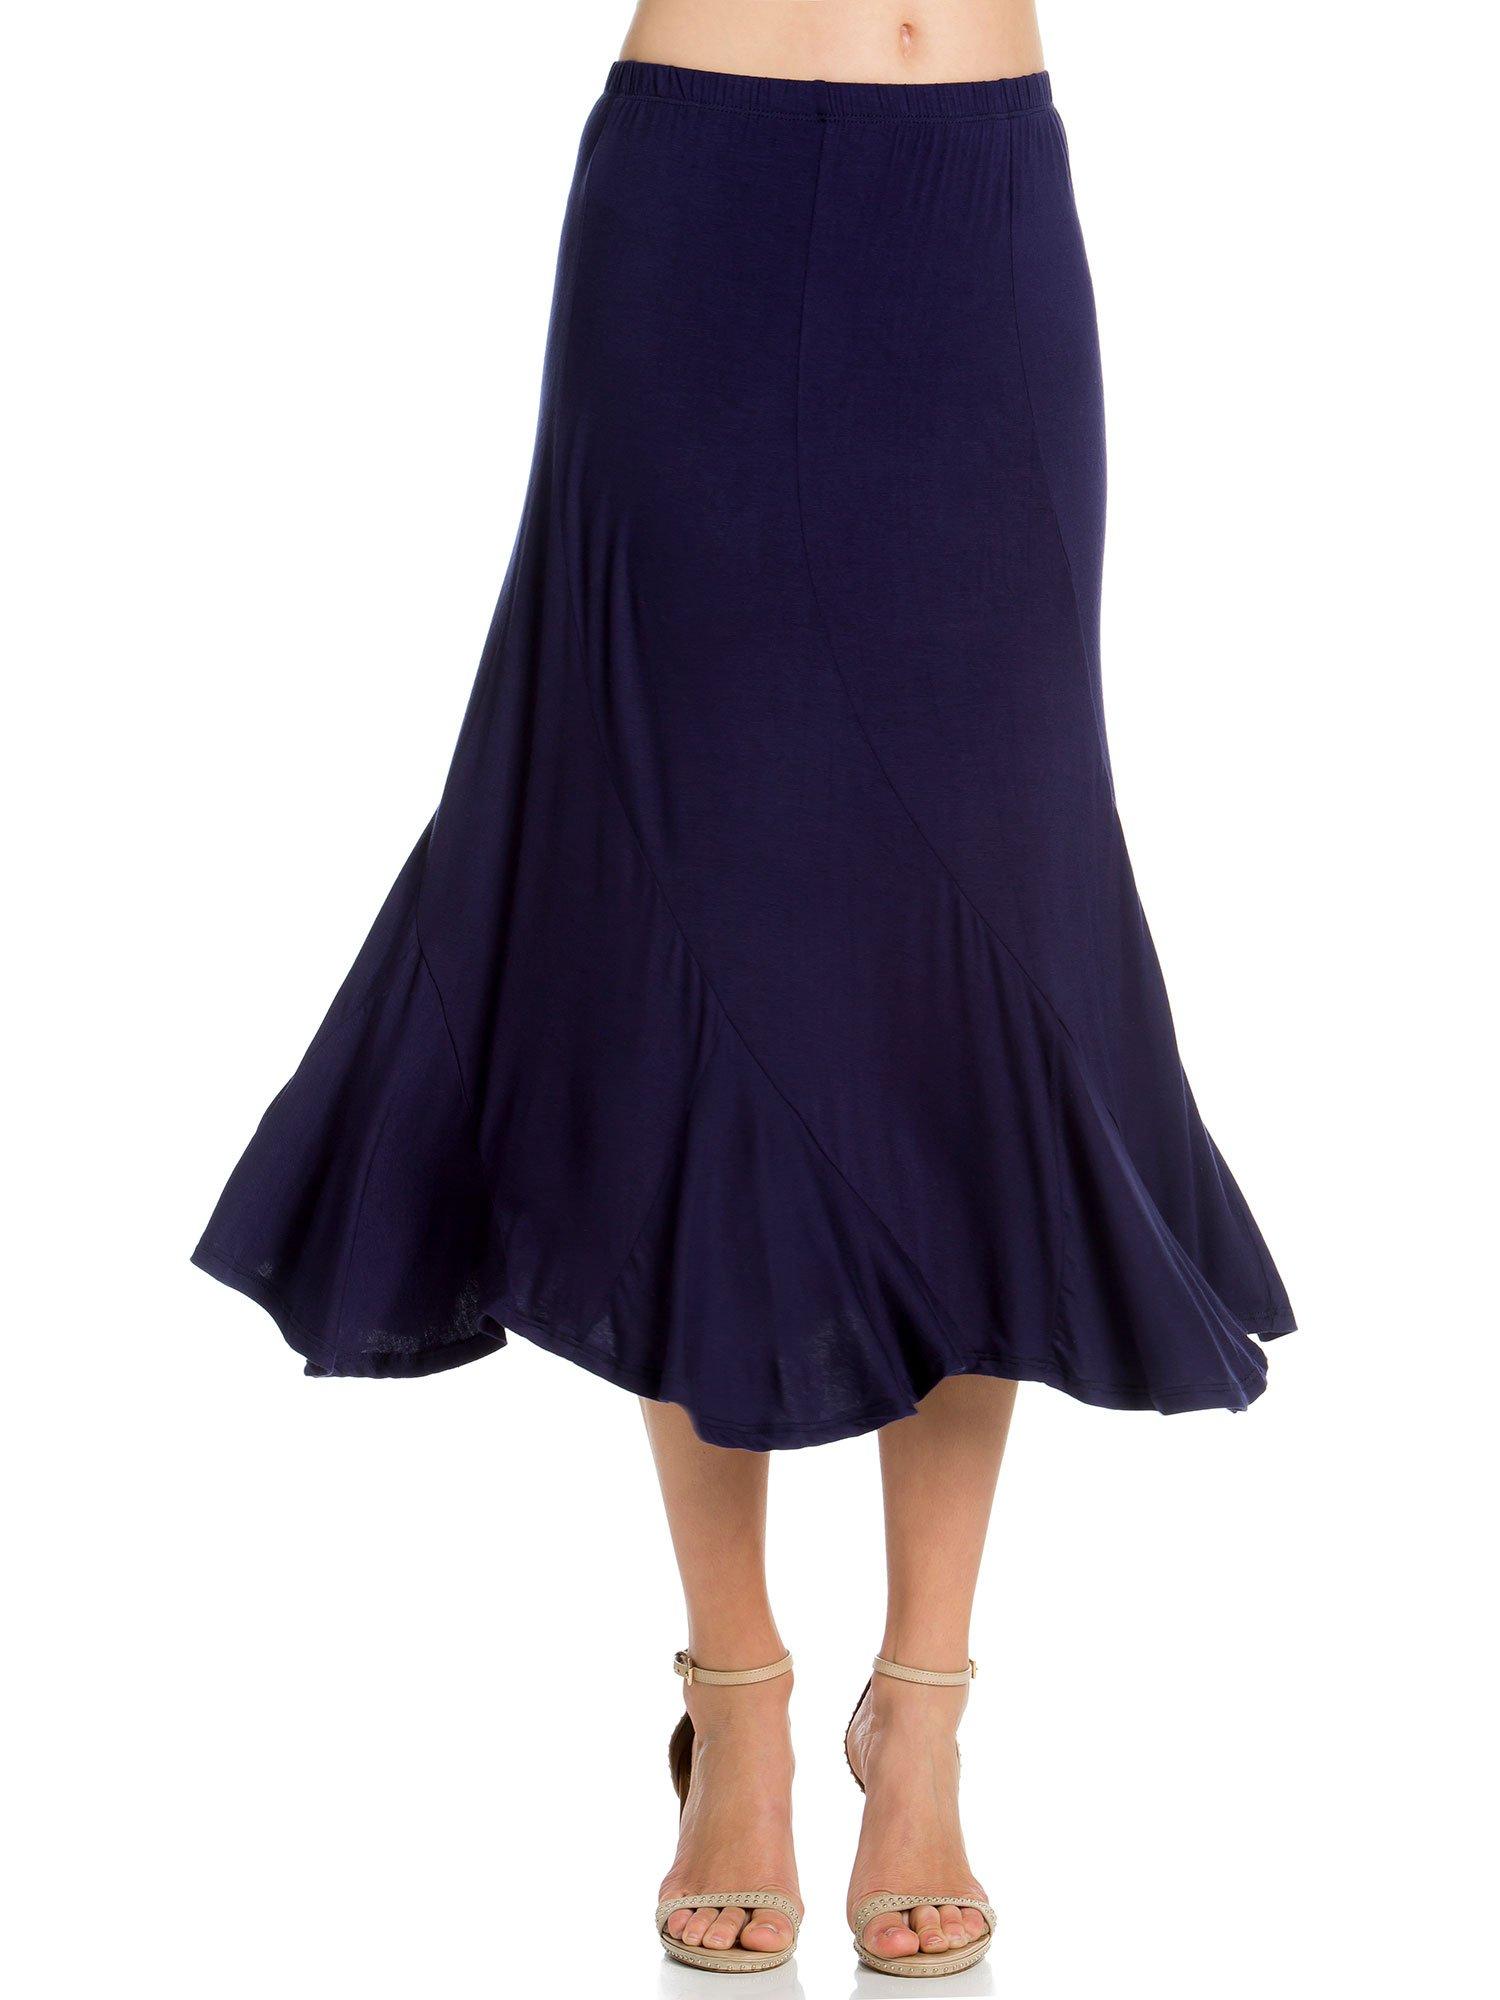 Womens Elastic Waist A-Line Ruffle Skirt (Medium, Navy)